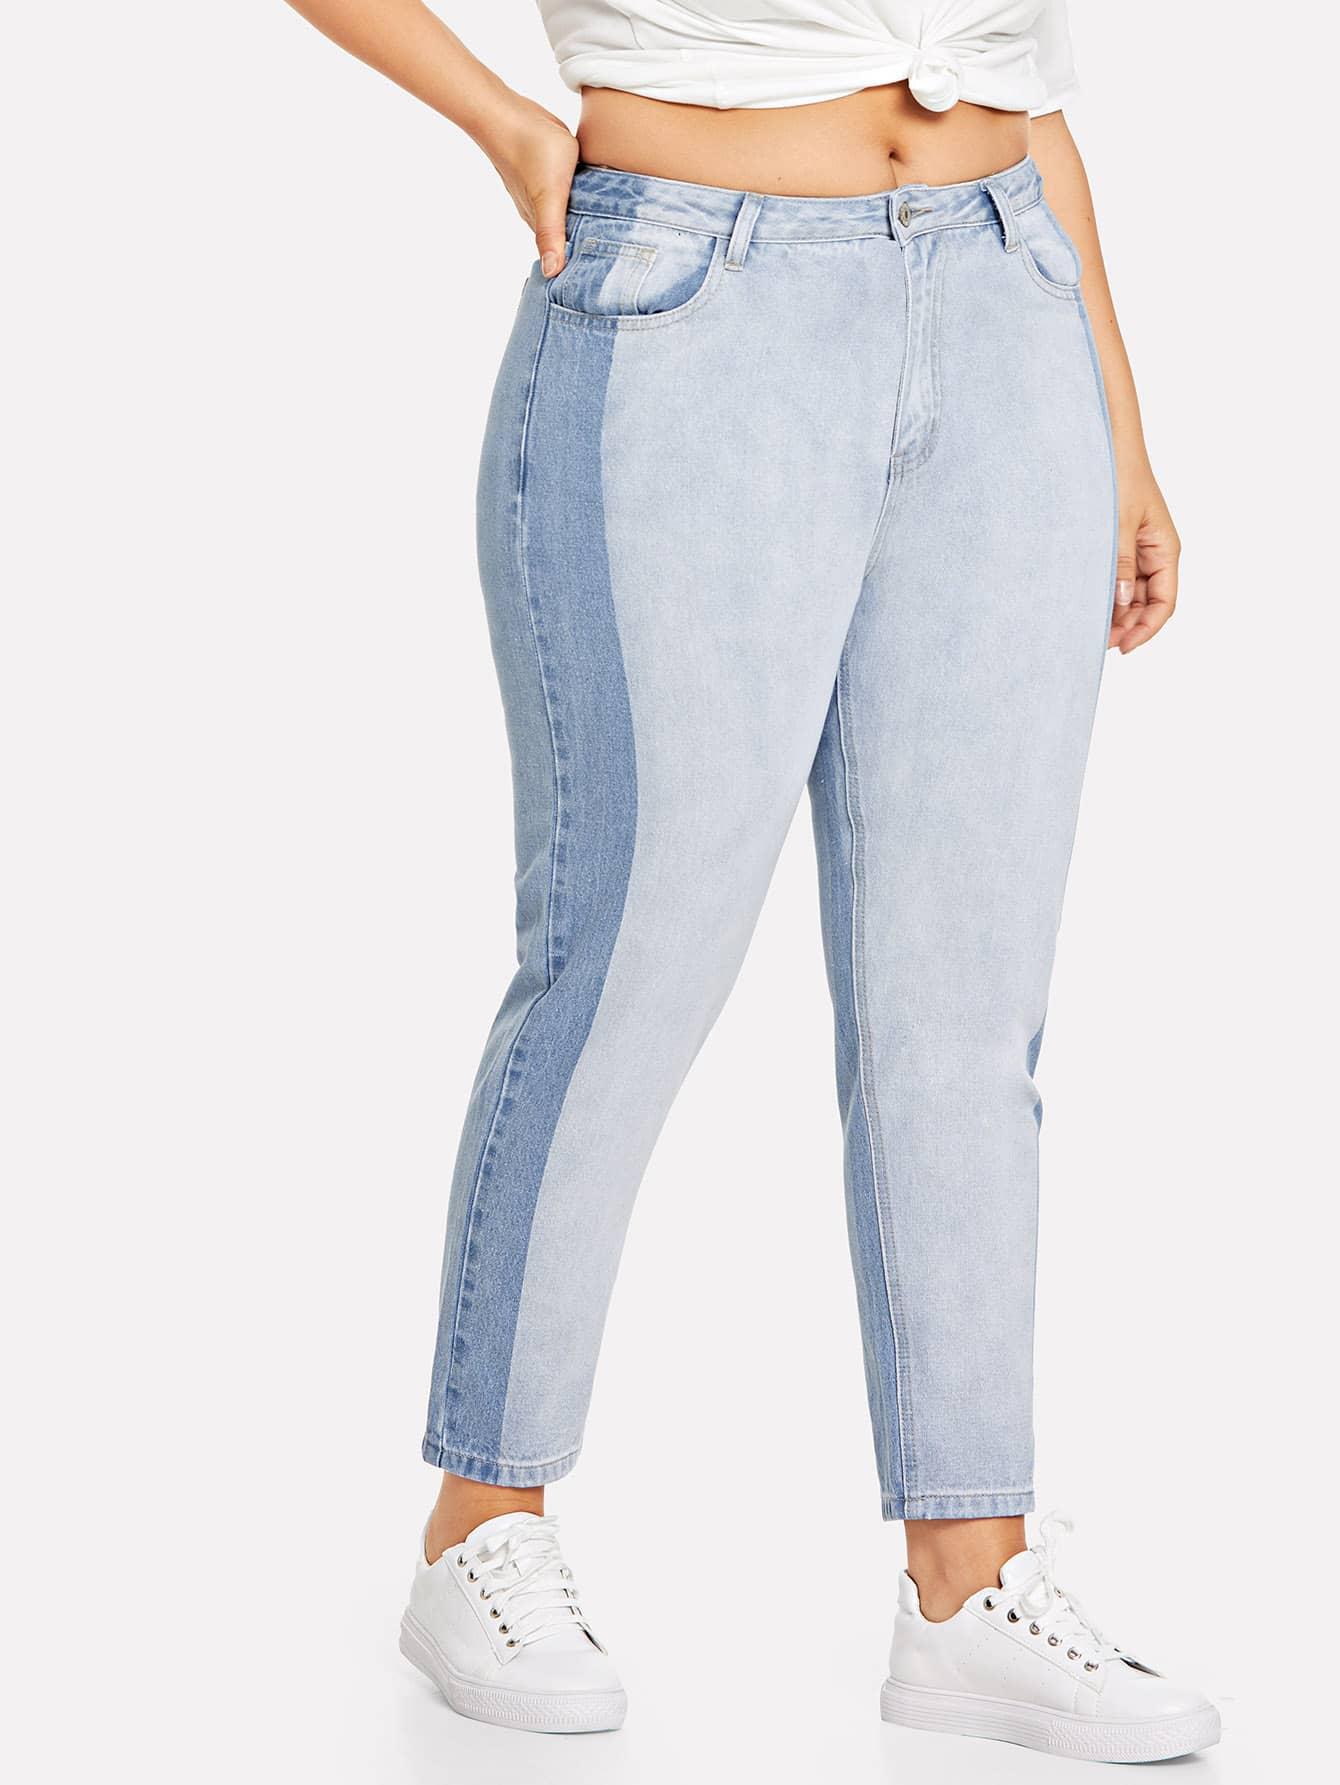 Купить Два тонных вырезать и вышивать джинсы, Franziska, SheIn